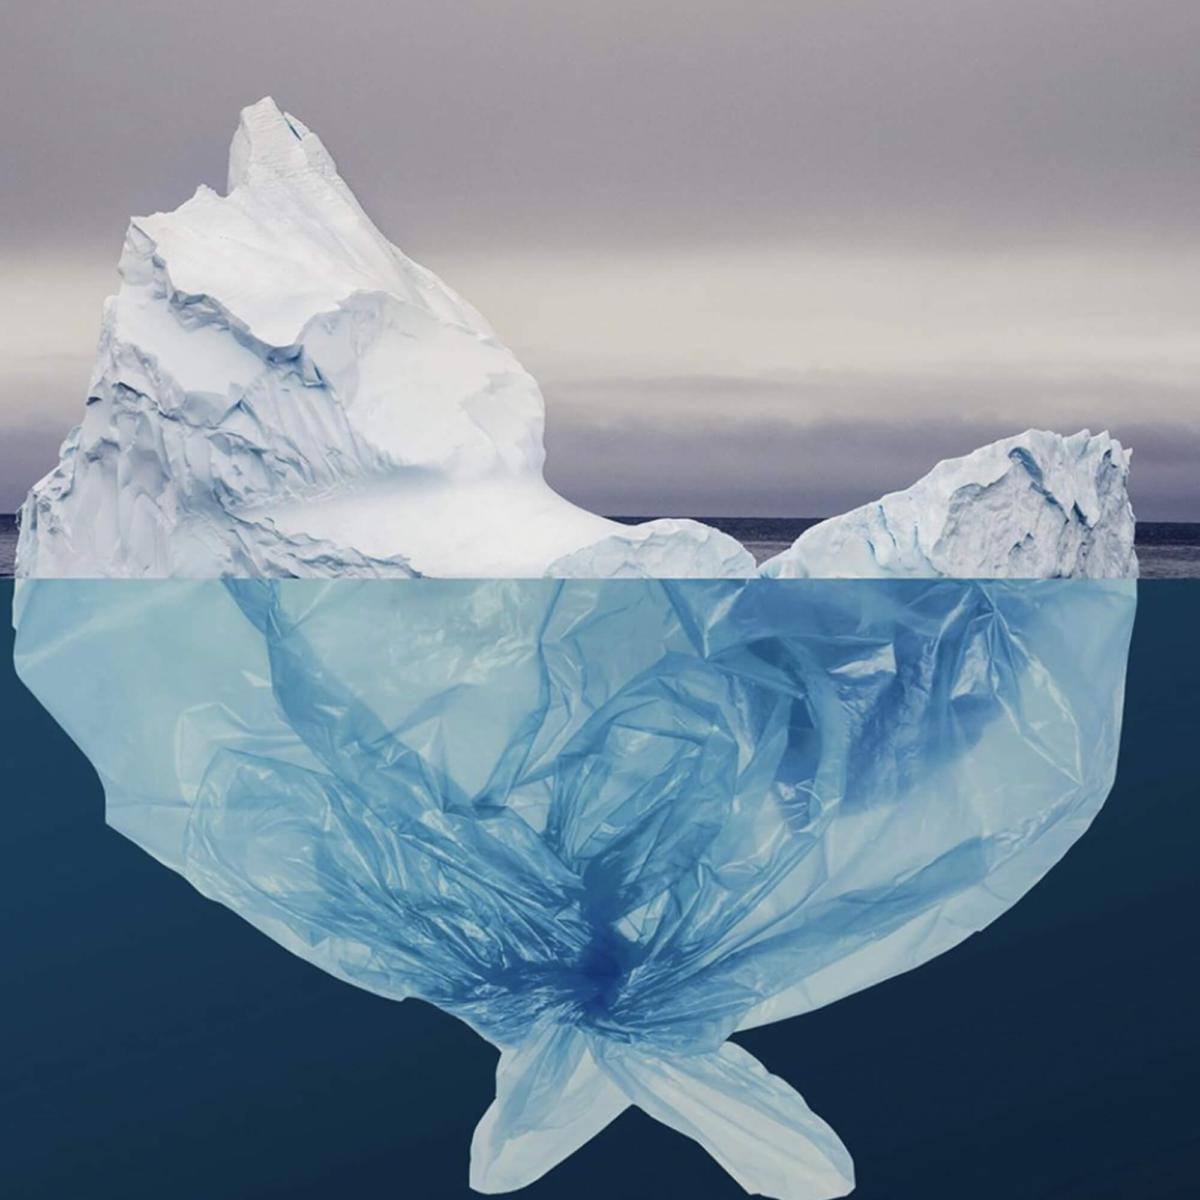 Hors paires - iceberg plastique